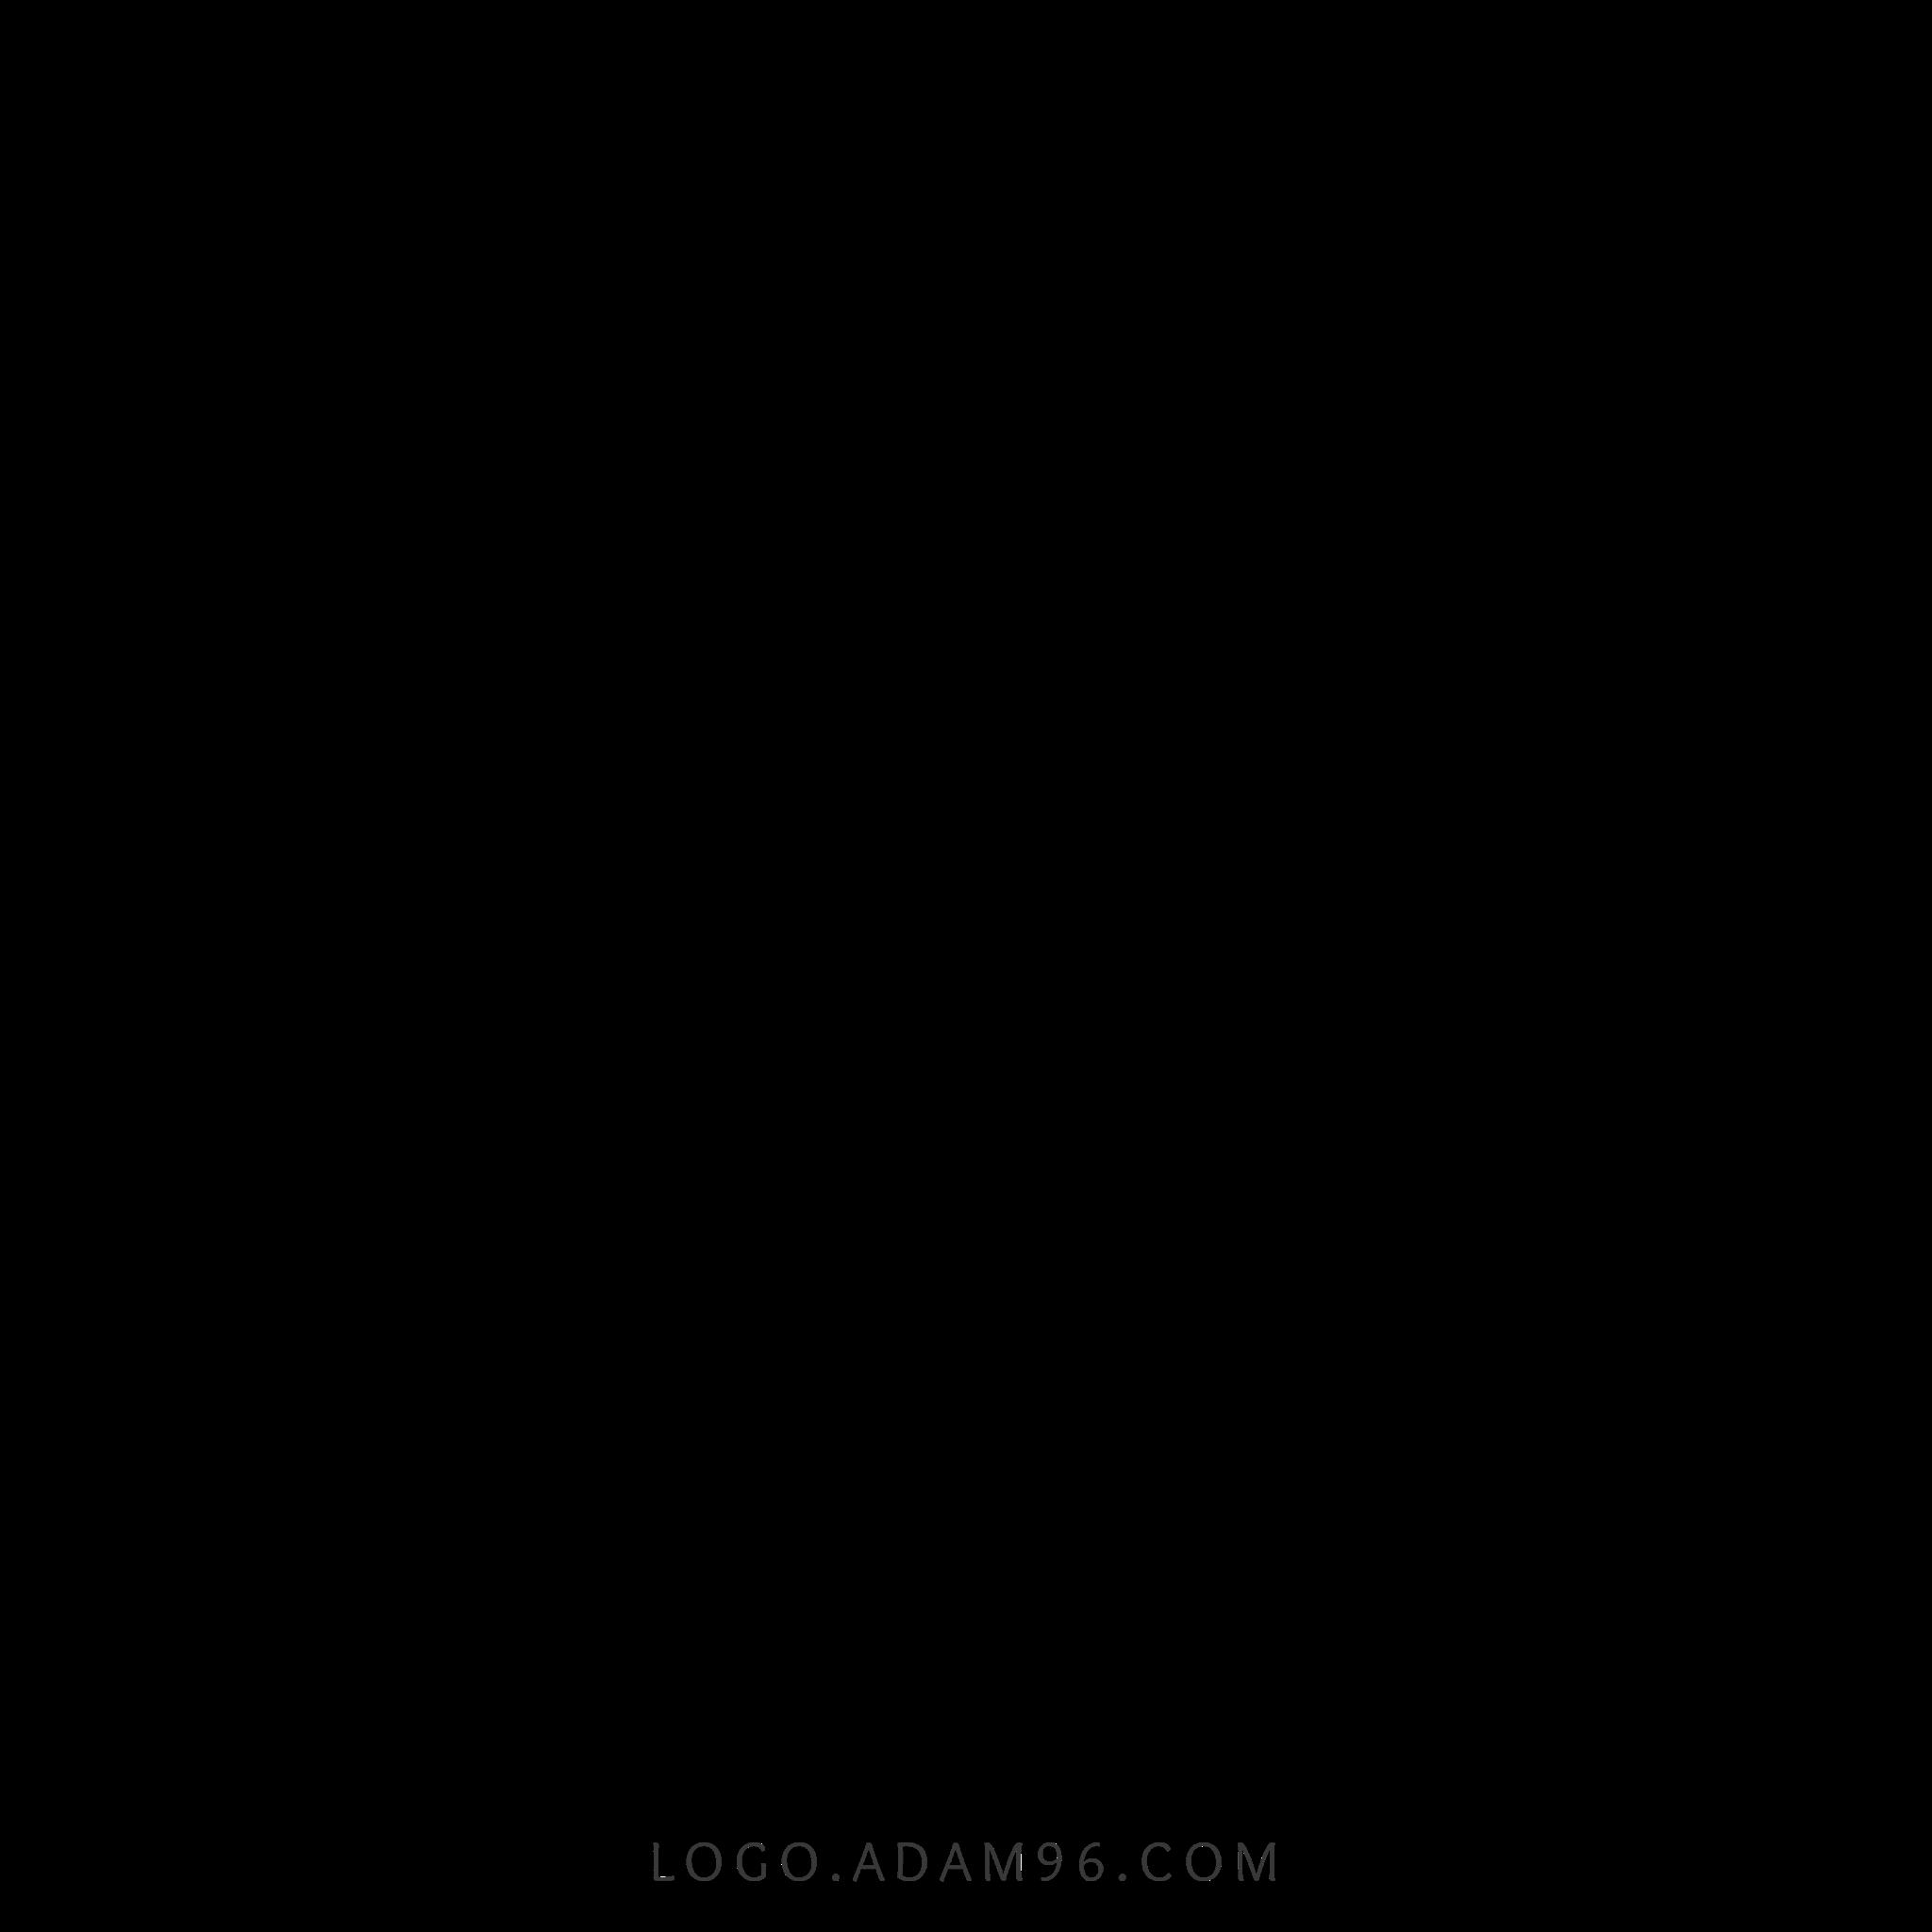 تحميل شعار ايفون 11 الرسمي لوجو عالي الدقة بصيغة شفافة Logo iPhone 11 PNG